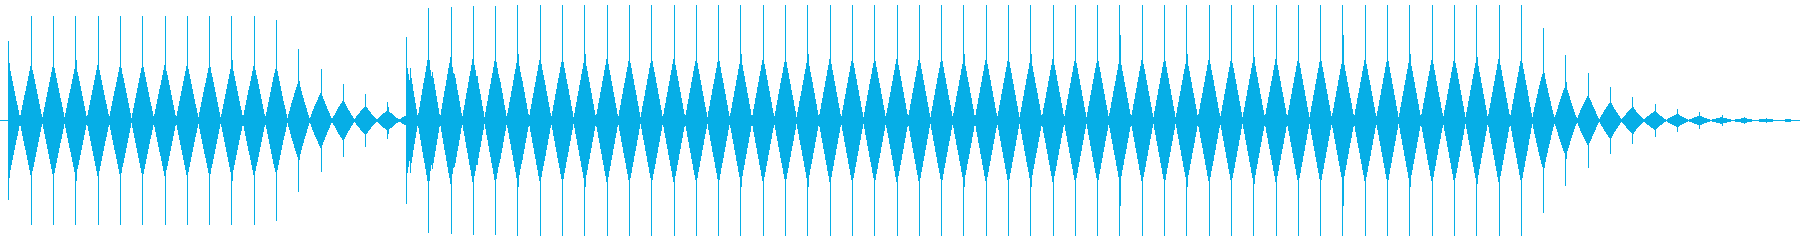 不正解音 ブブー (ノコギリ波)の再生済みの波形